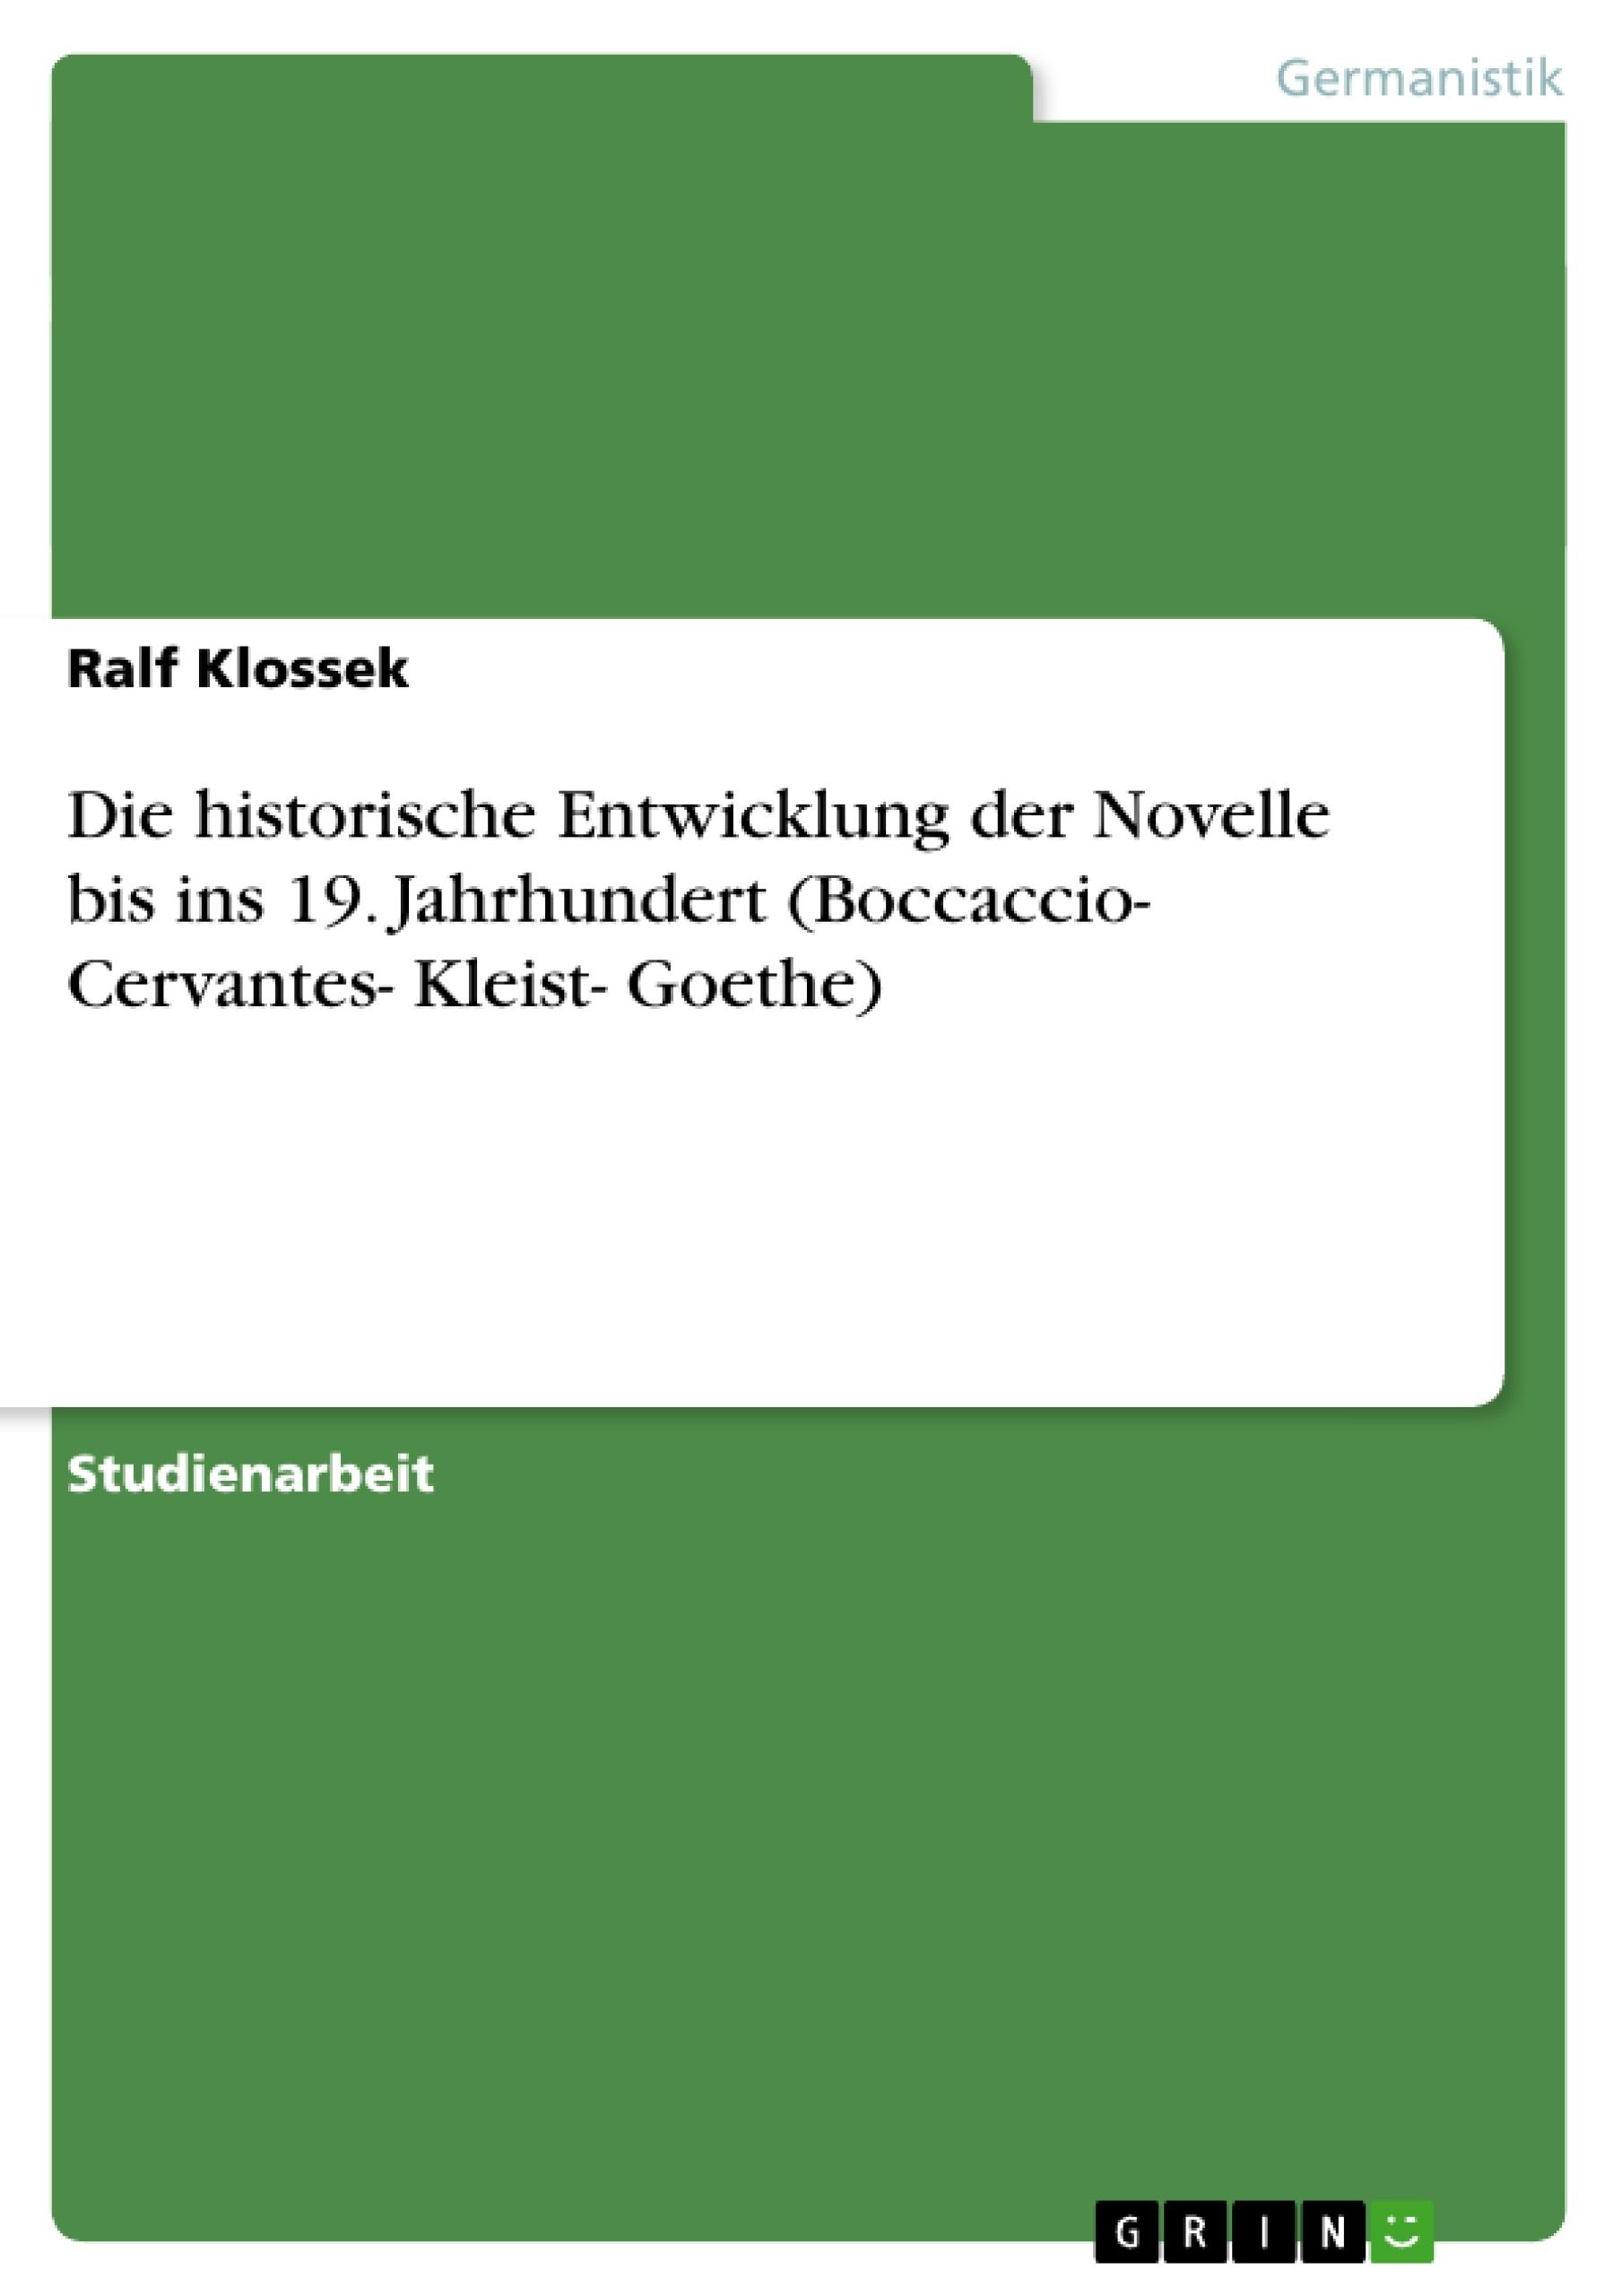 Titel: Die historische Entwicklung der Novelle bis ins 19. Jahrhundert (Boccaccio- Cervantes- Kleist- Goethe)